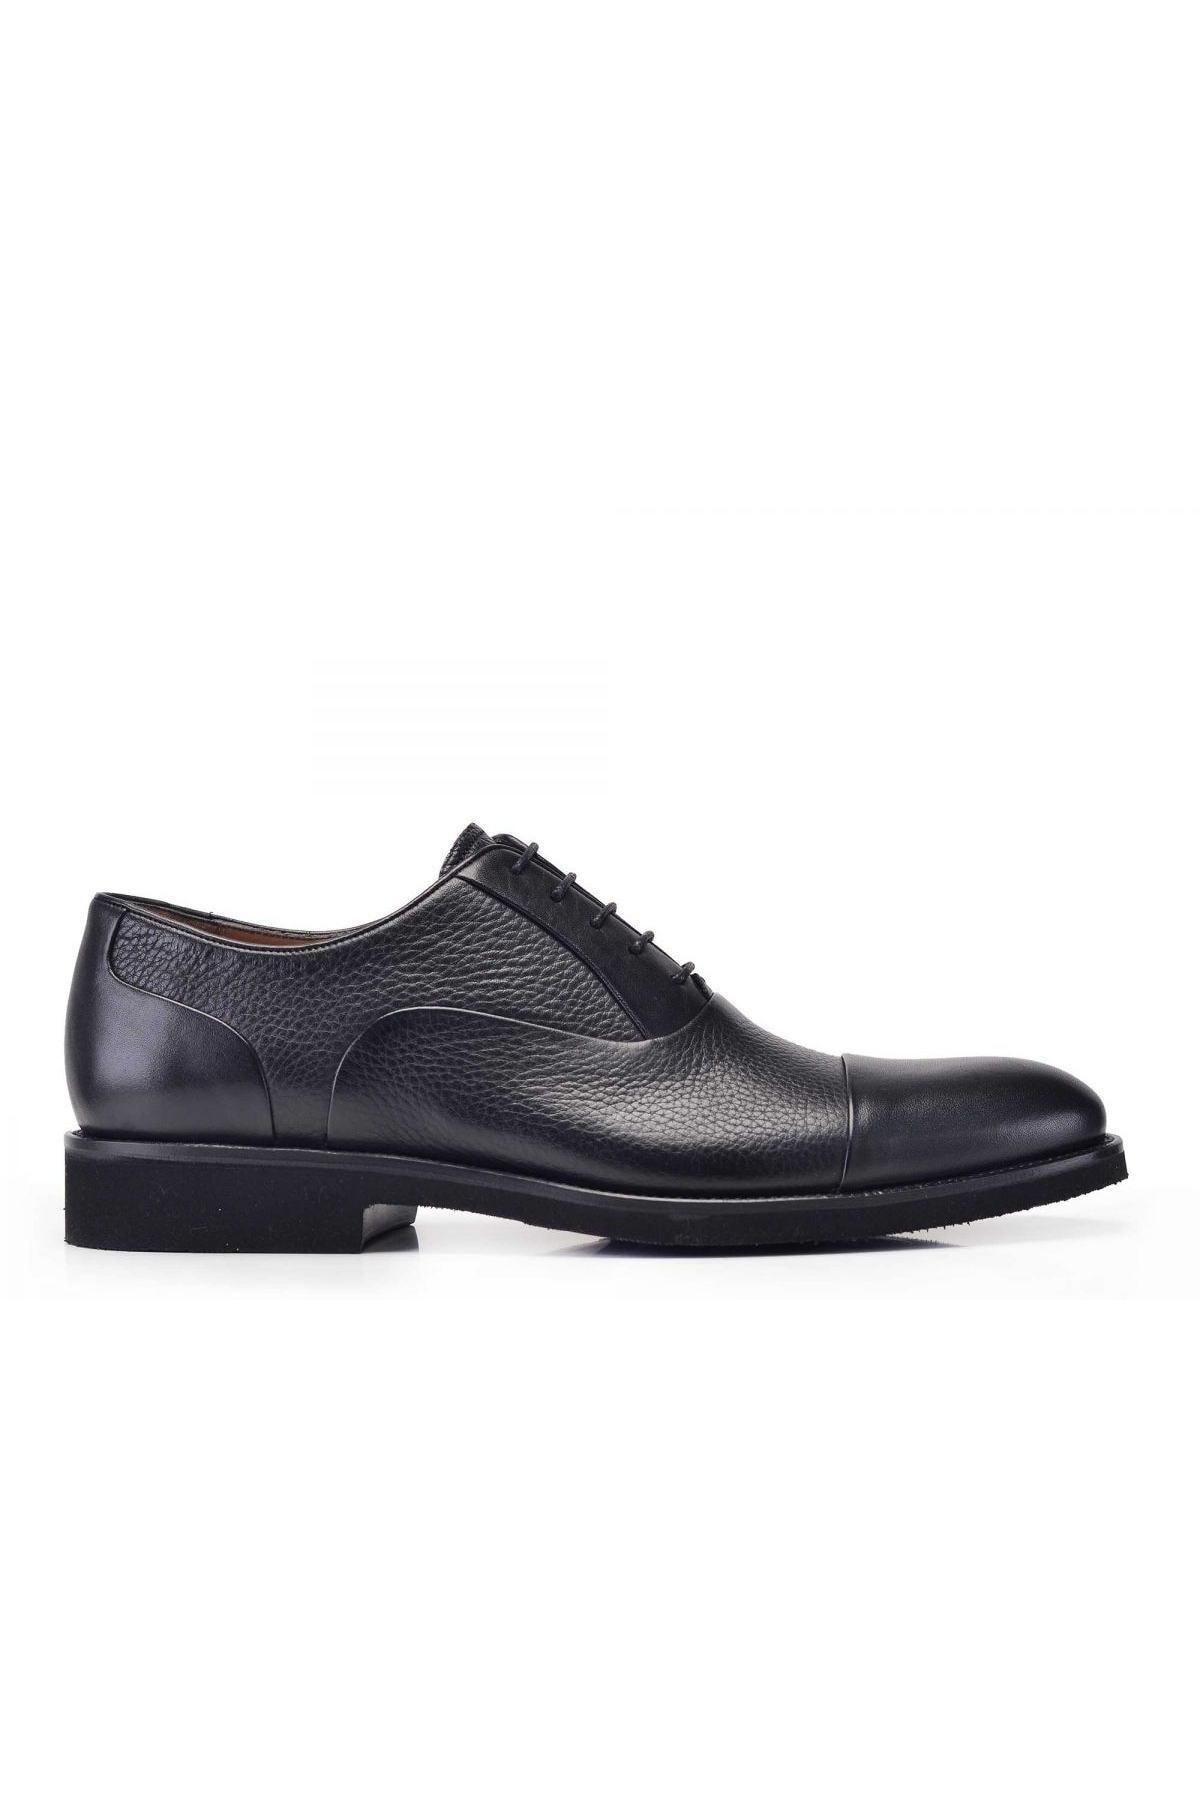 Nevzat Onay Hakiki Deri Siyah Bağcıklı Erkek Ayakkabı 1